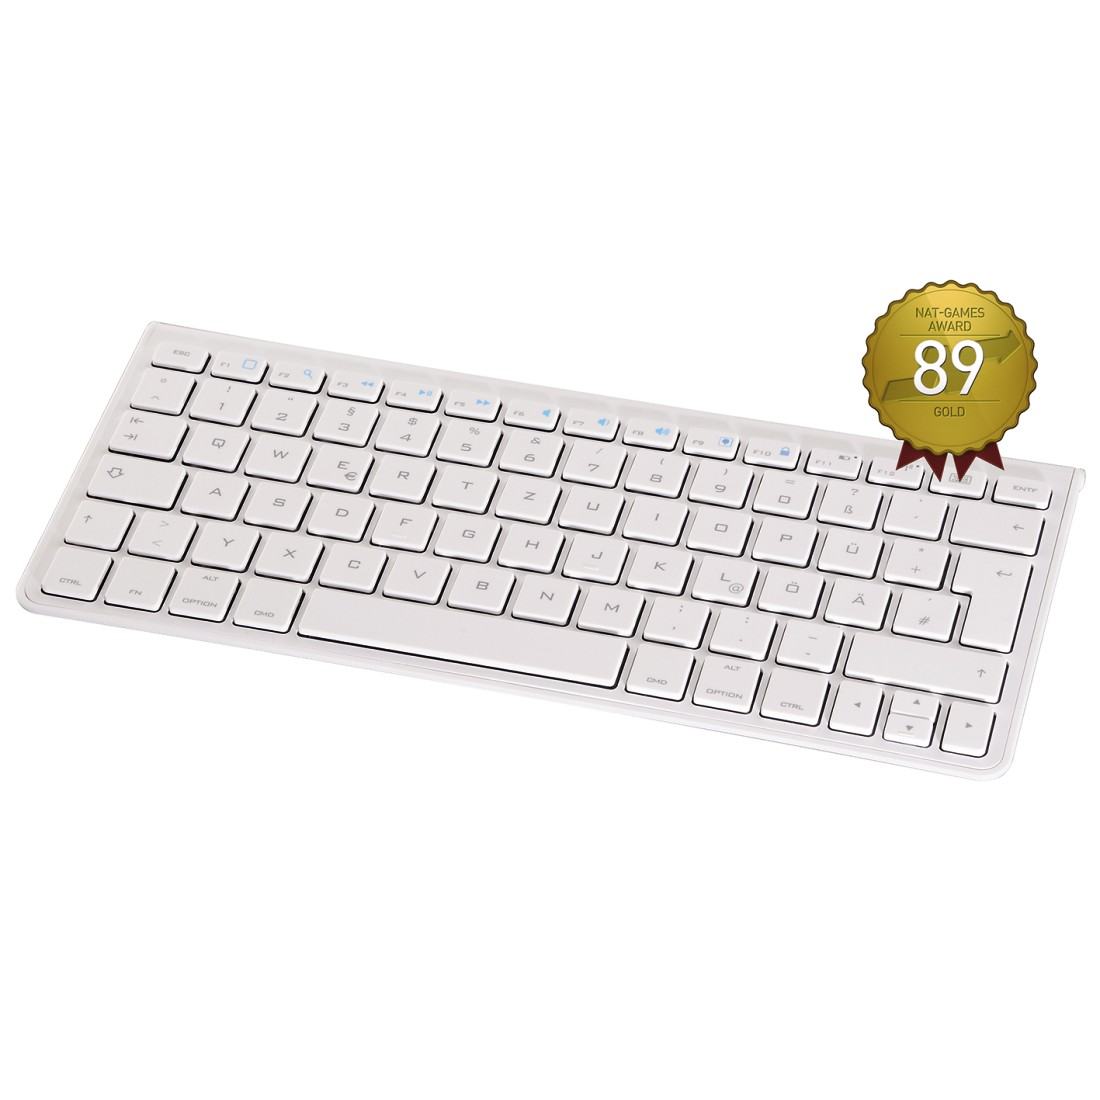 HAMA Bluetooth Virtual Keyboard Drivers Update